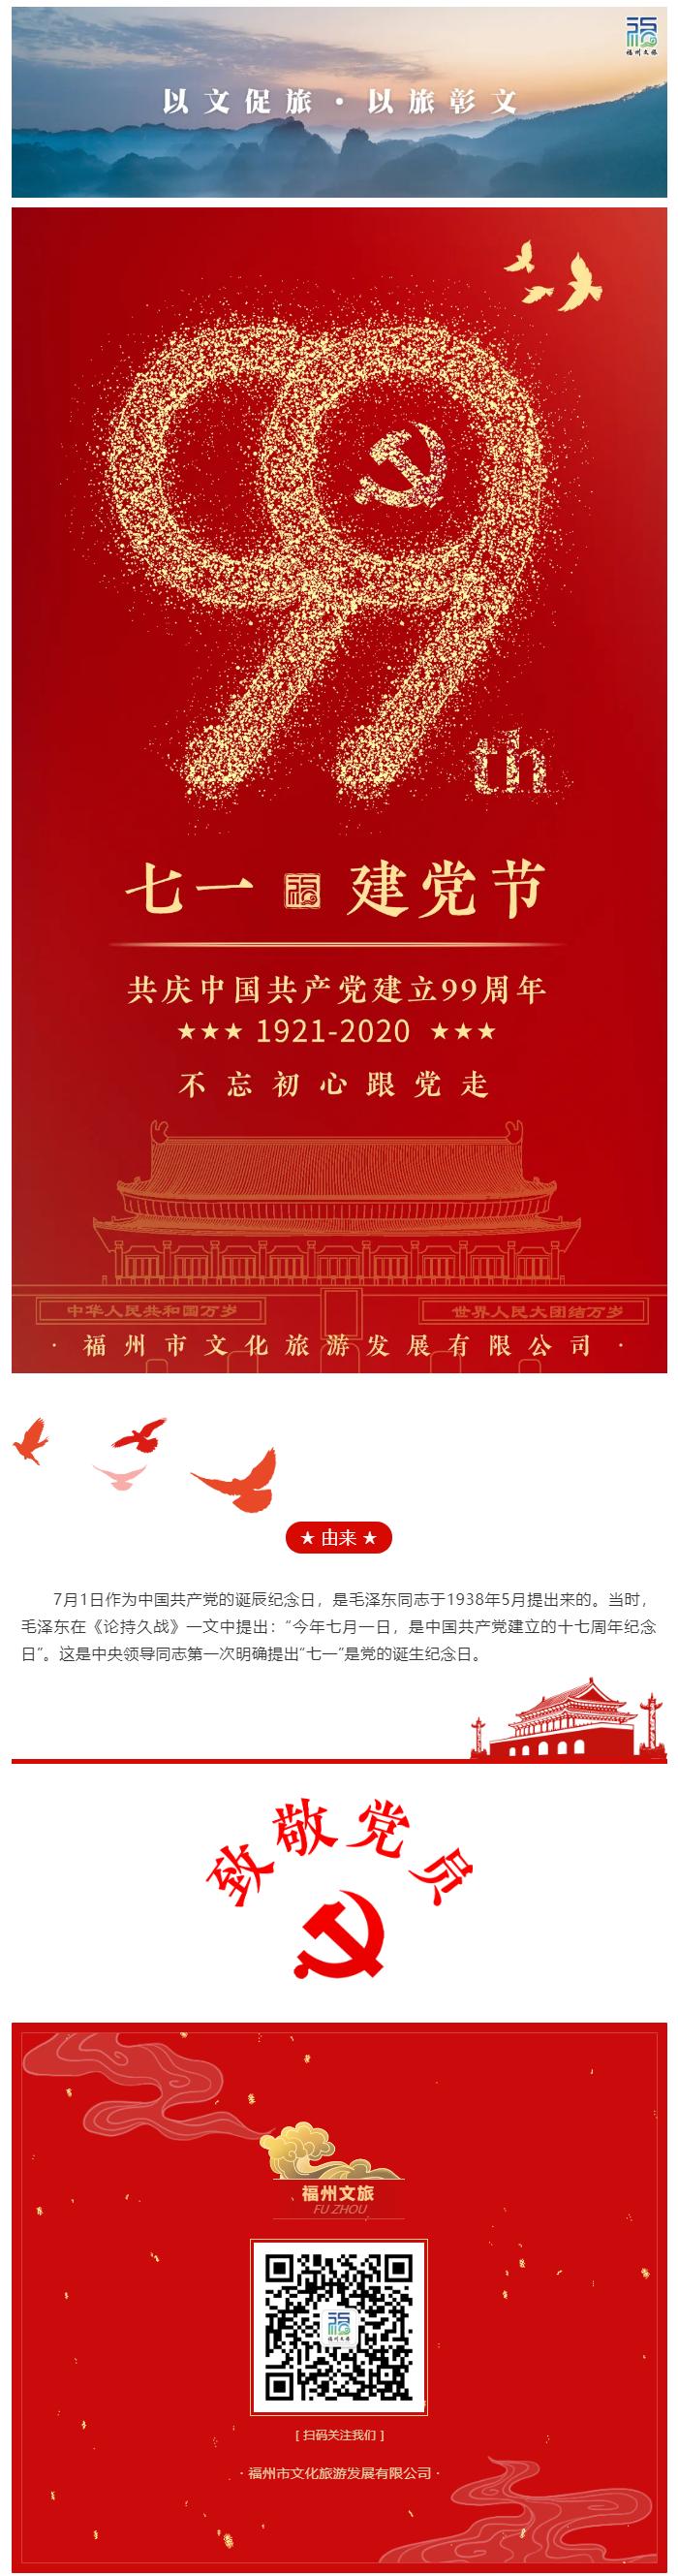 建党节丨不忘初心跟党走.png